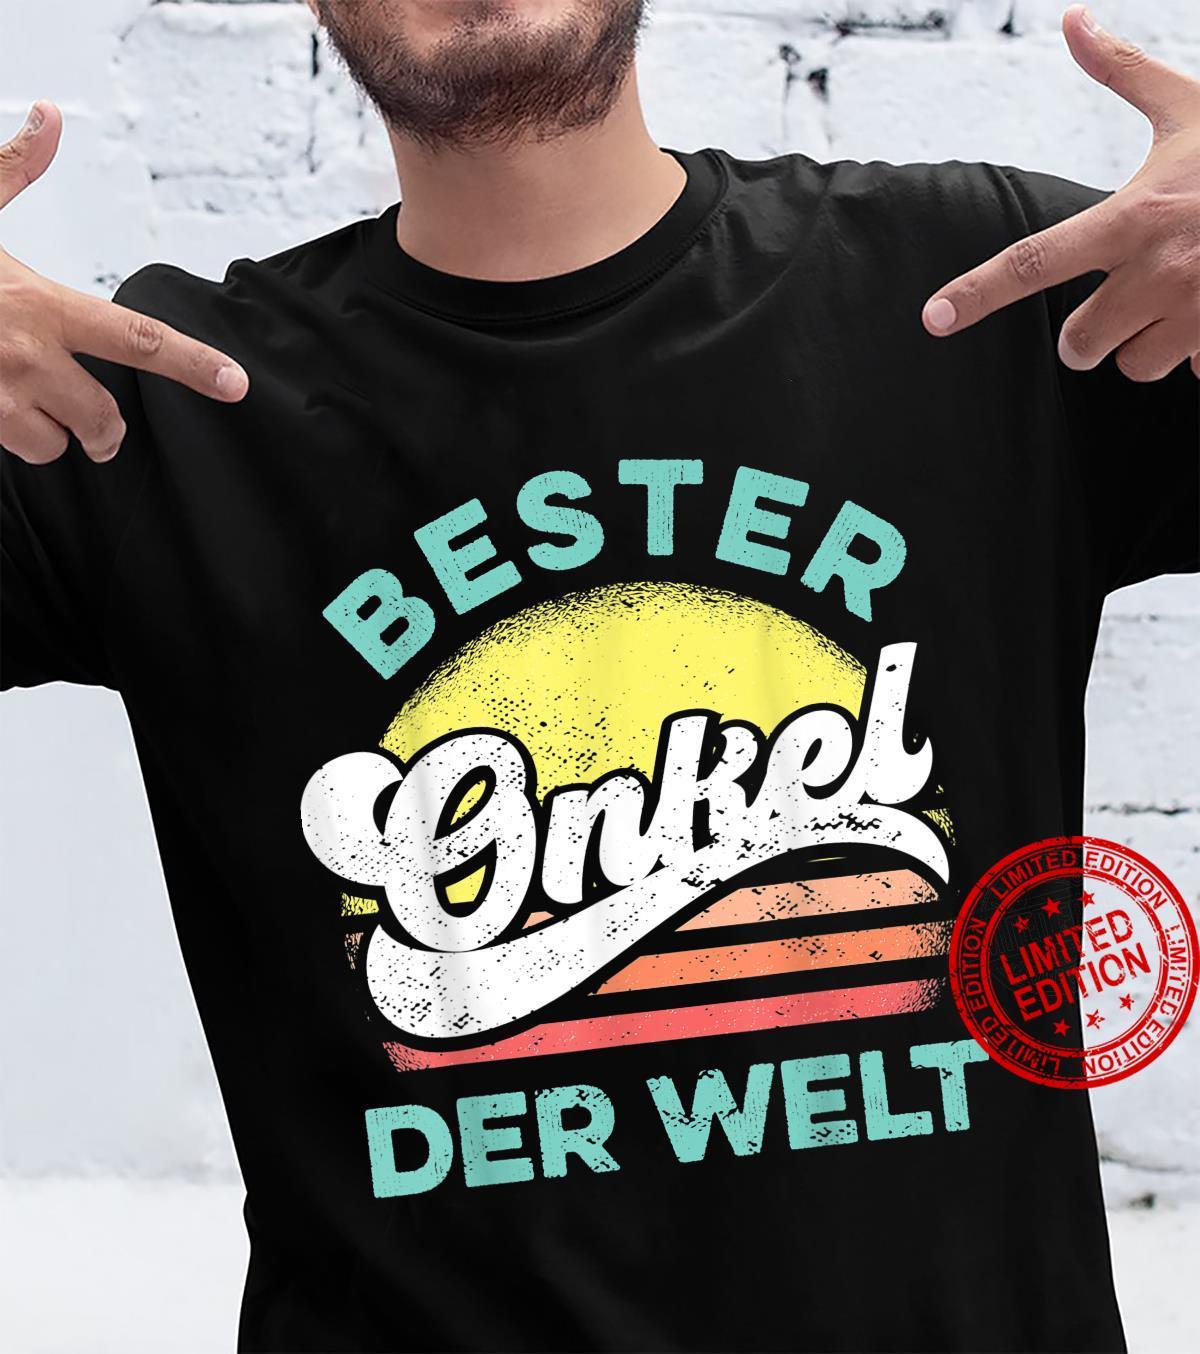 Bester Onkel der Welt Vintage Saying for the Best Uncle Shirt